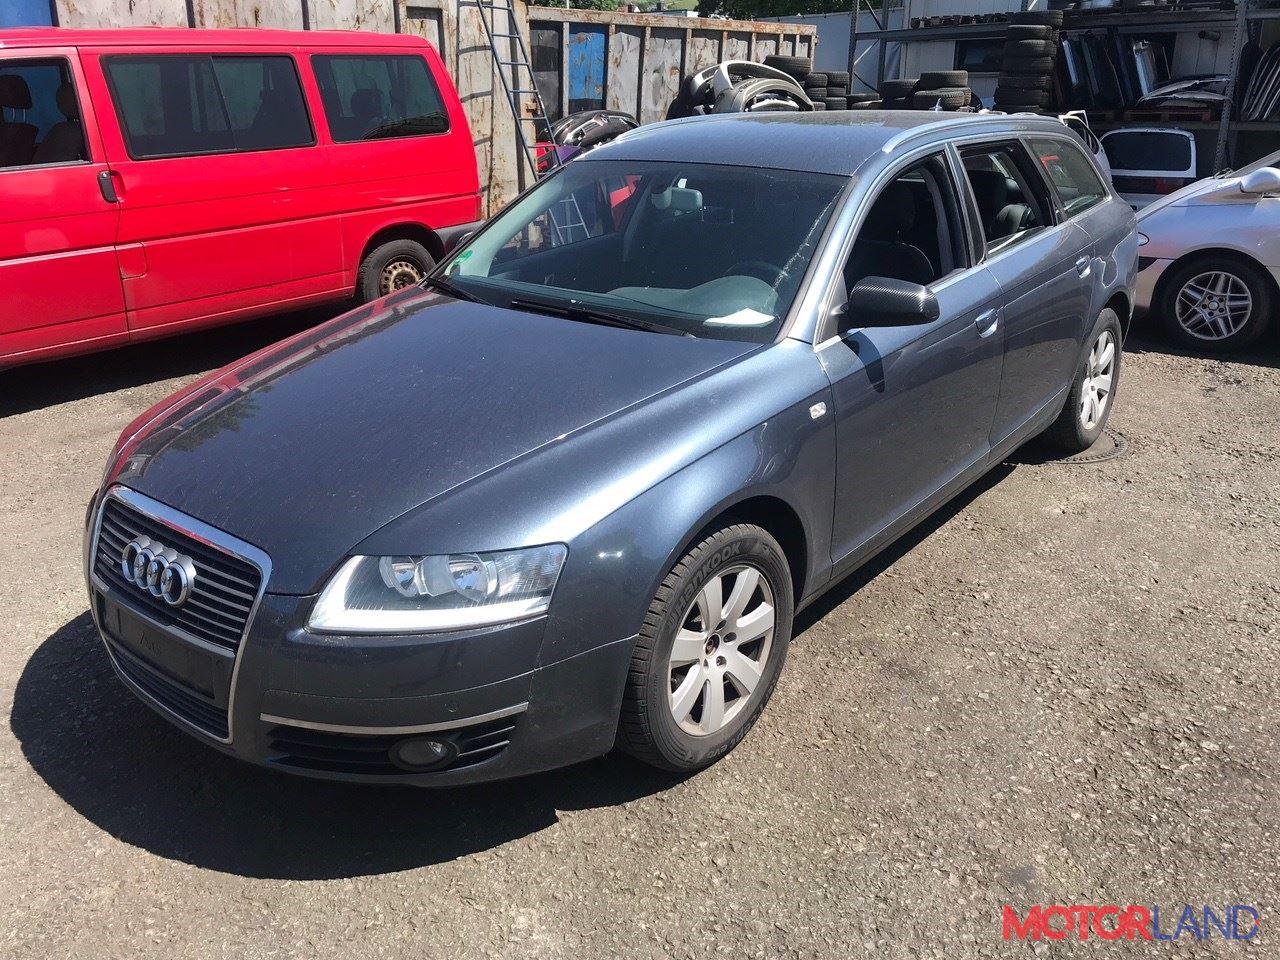 Audi A6 (C6) 2005-2011, разборочный номер 67363 #1